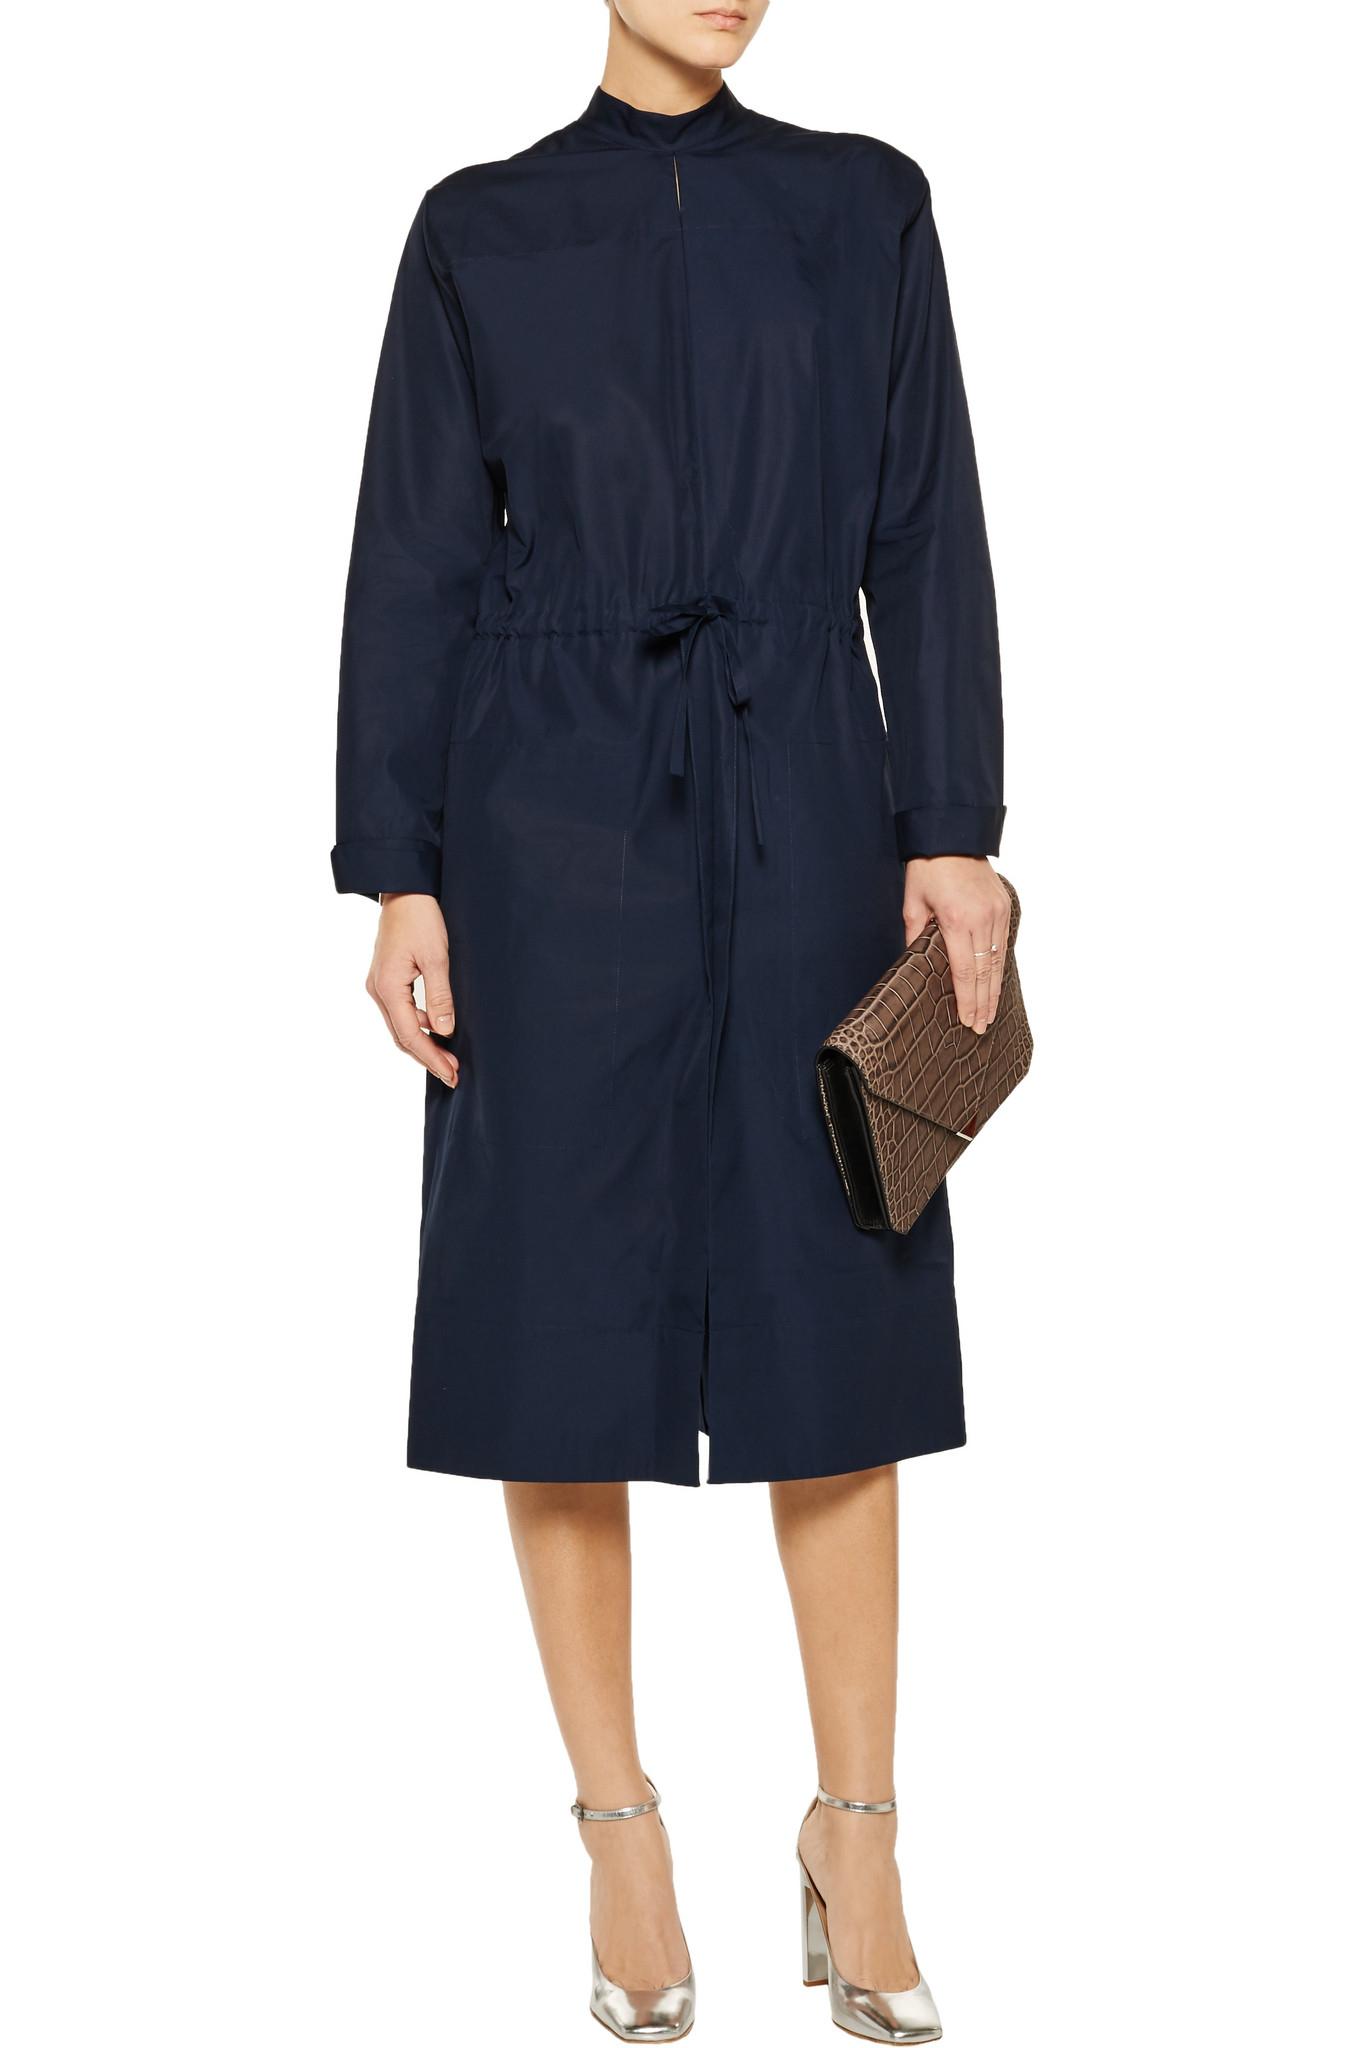 Jil sander Cotton-poplin Dress in Blue